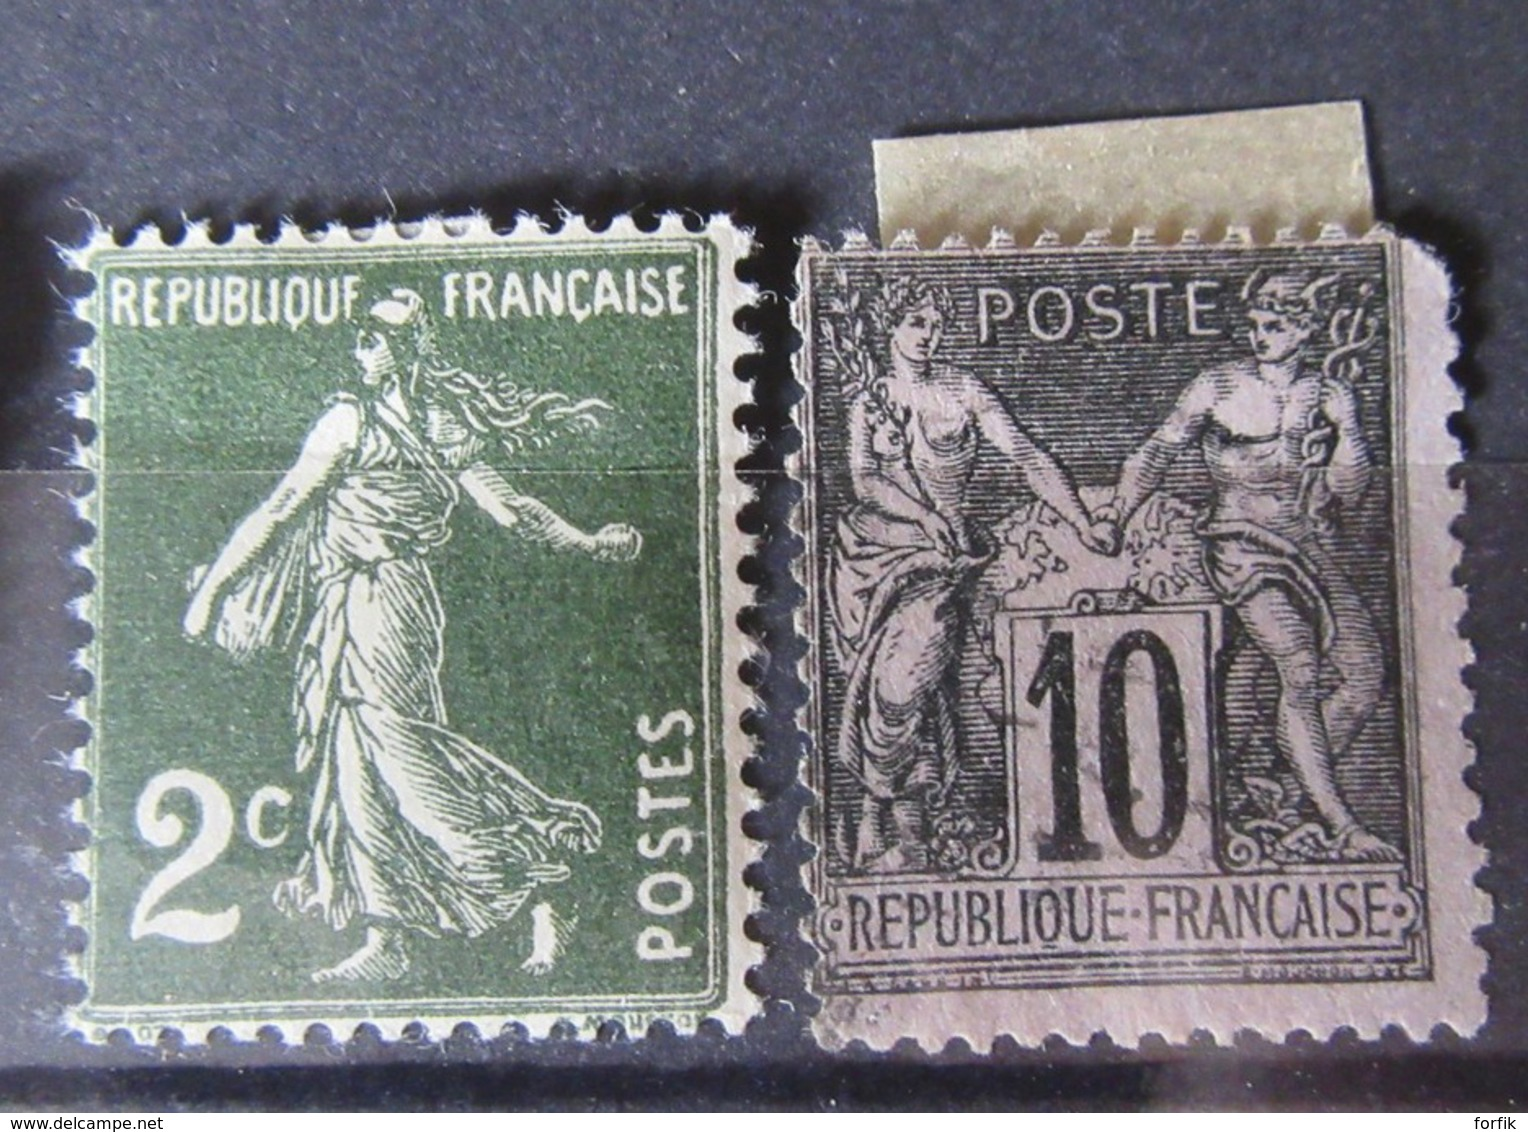 France - Lot De 48 Timbres Anciens Divers Et Variés Dont Blanc, Mouchon, Semeuse, Etc - Neufs Sur Charnière Et Oblitérés - Collections